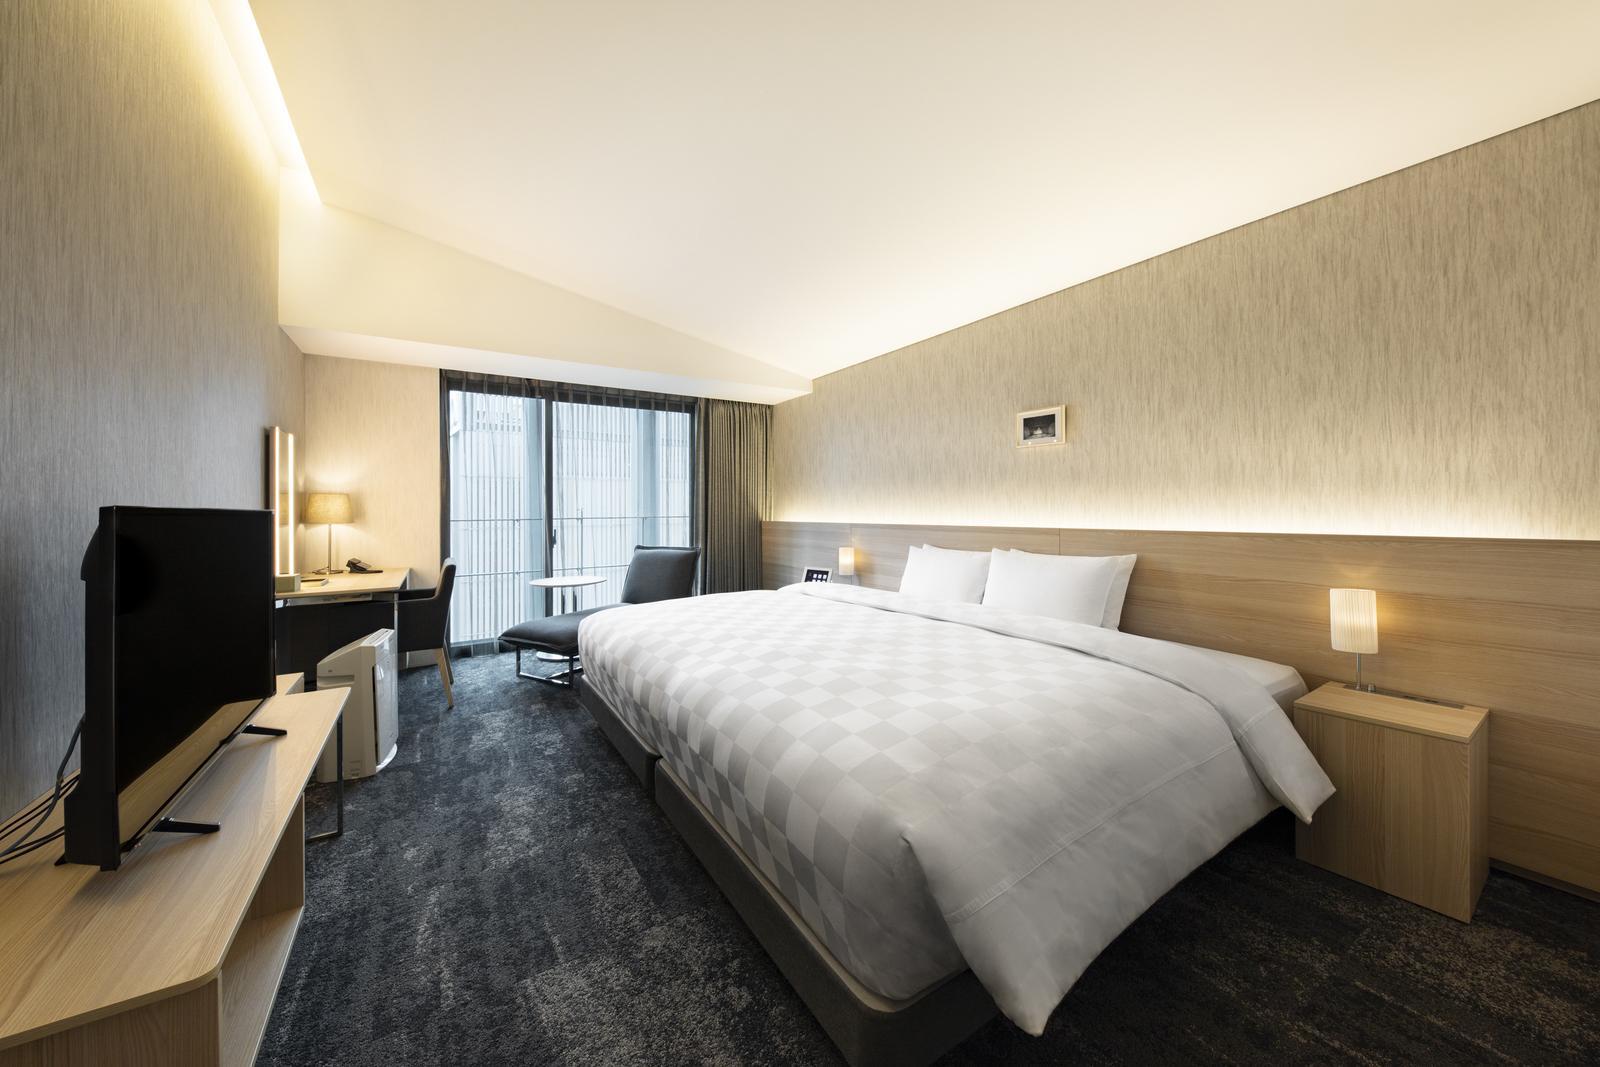 ホテルロイヤルクラシック大阪 / 【ハリウッドツイン確約】広々ベッドでゆったりステイプラン(素泊り)